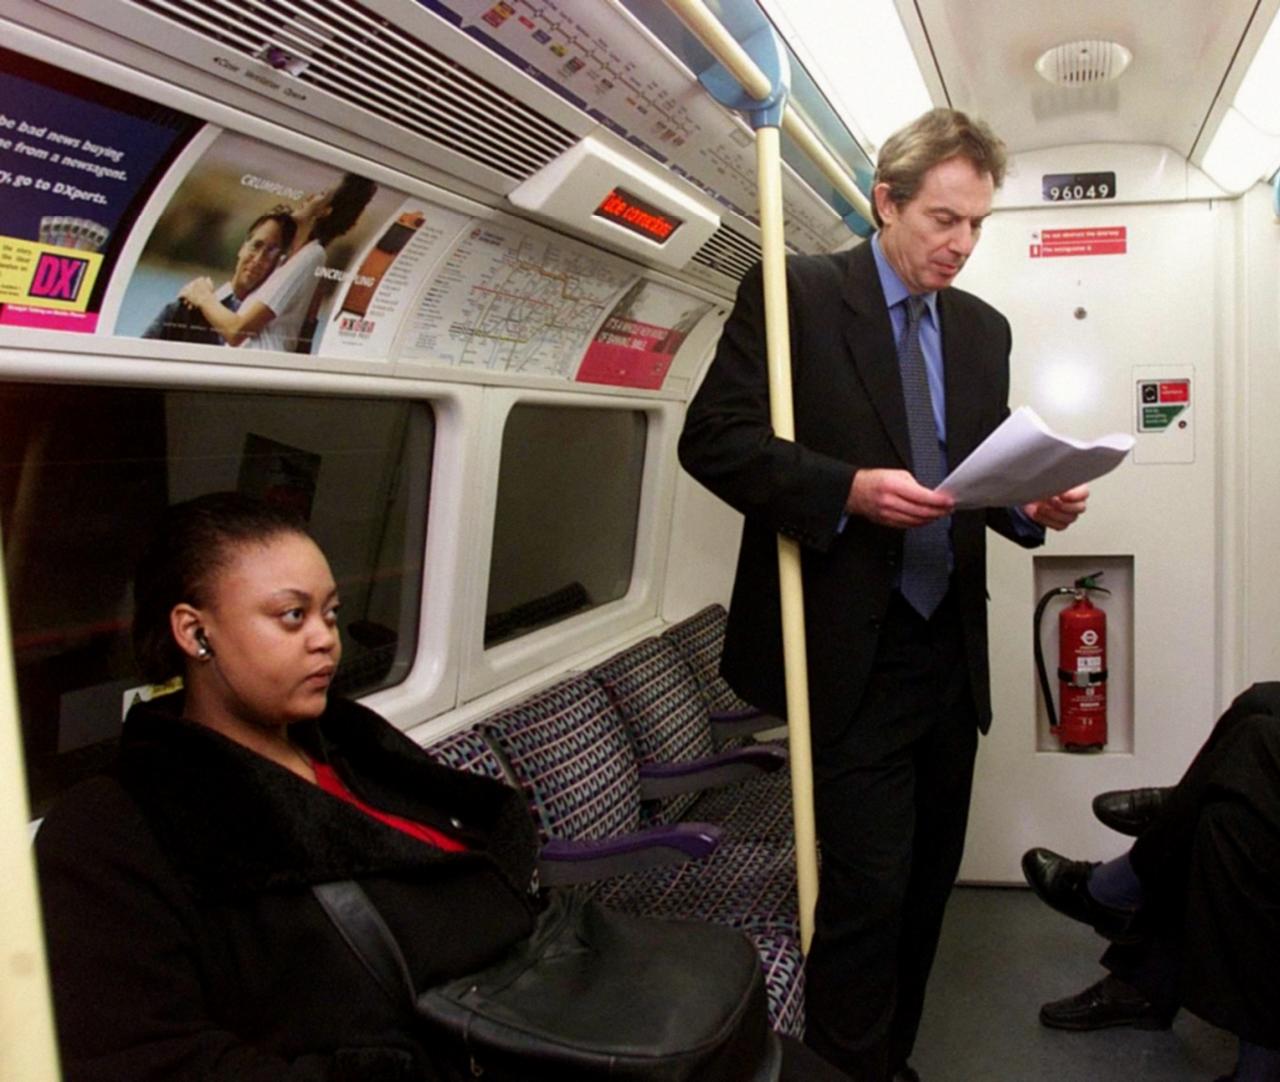 1999. Бывший премьер-министр Великобритании Тони Блэр путешествует по расширенной Юбилейной линии